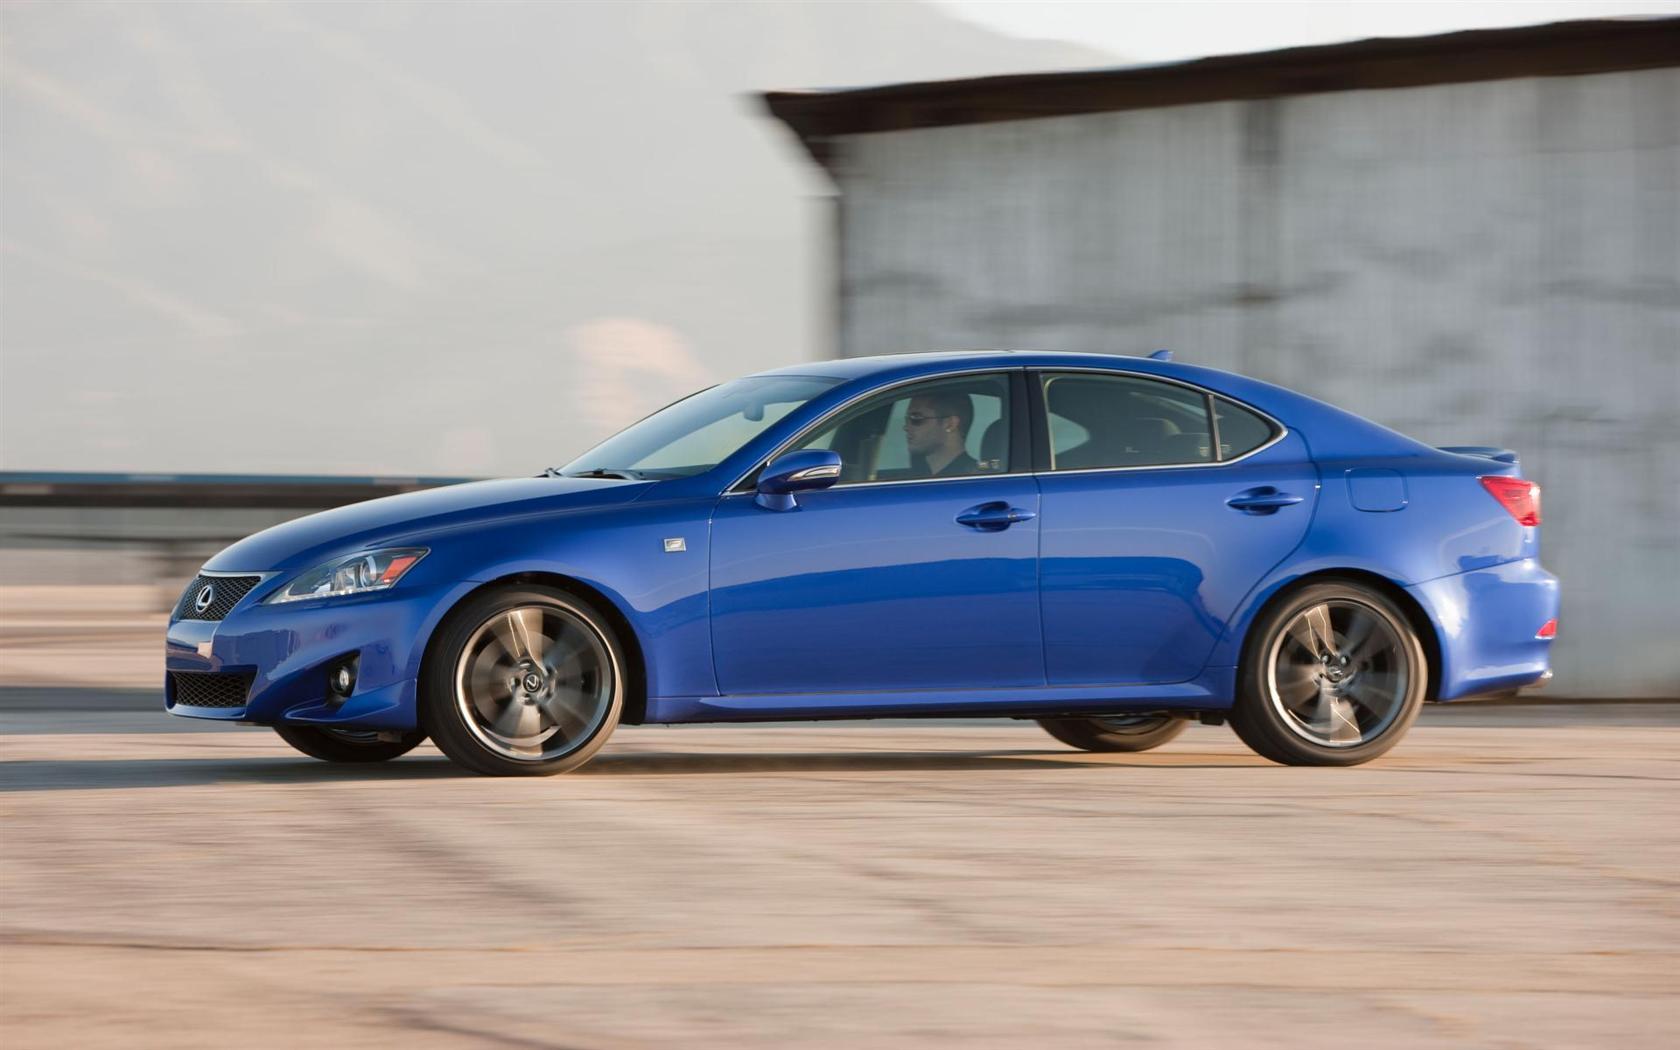 2012 Lexus IS